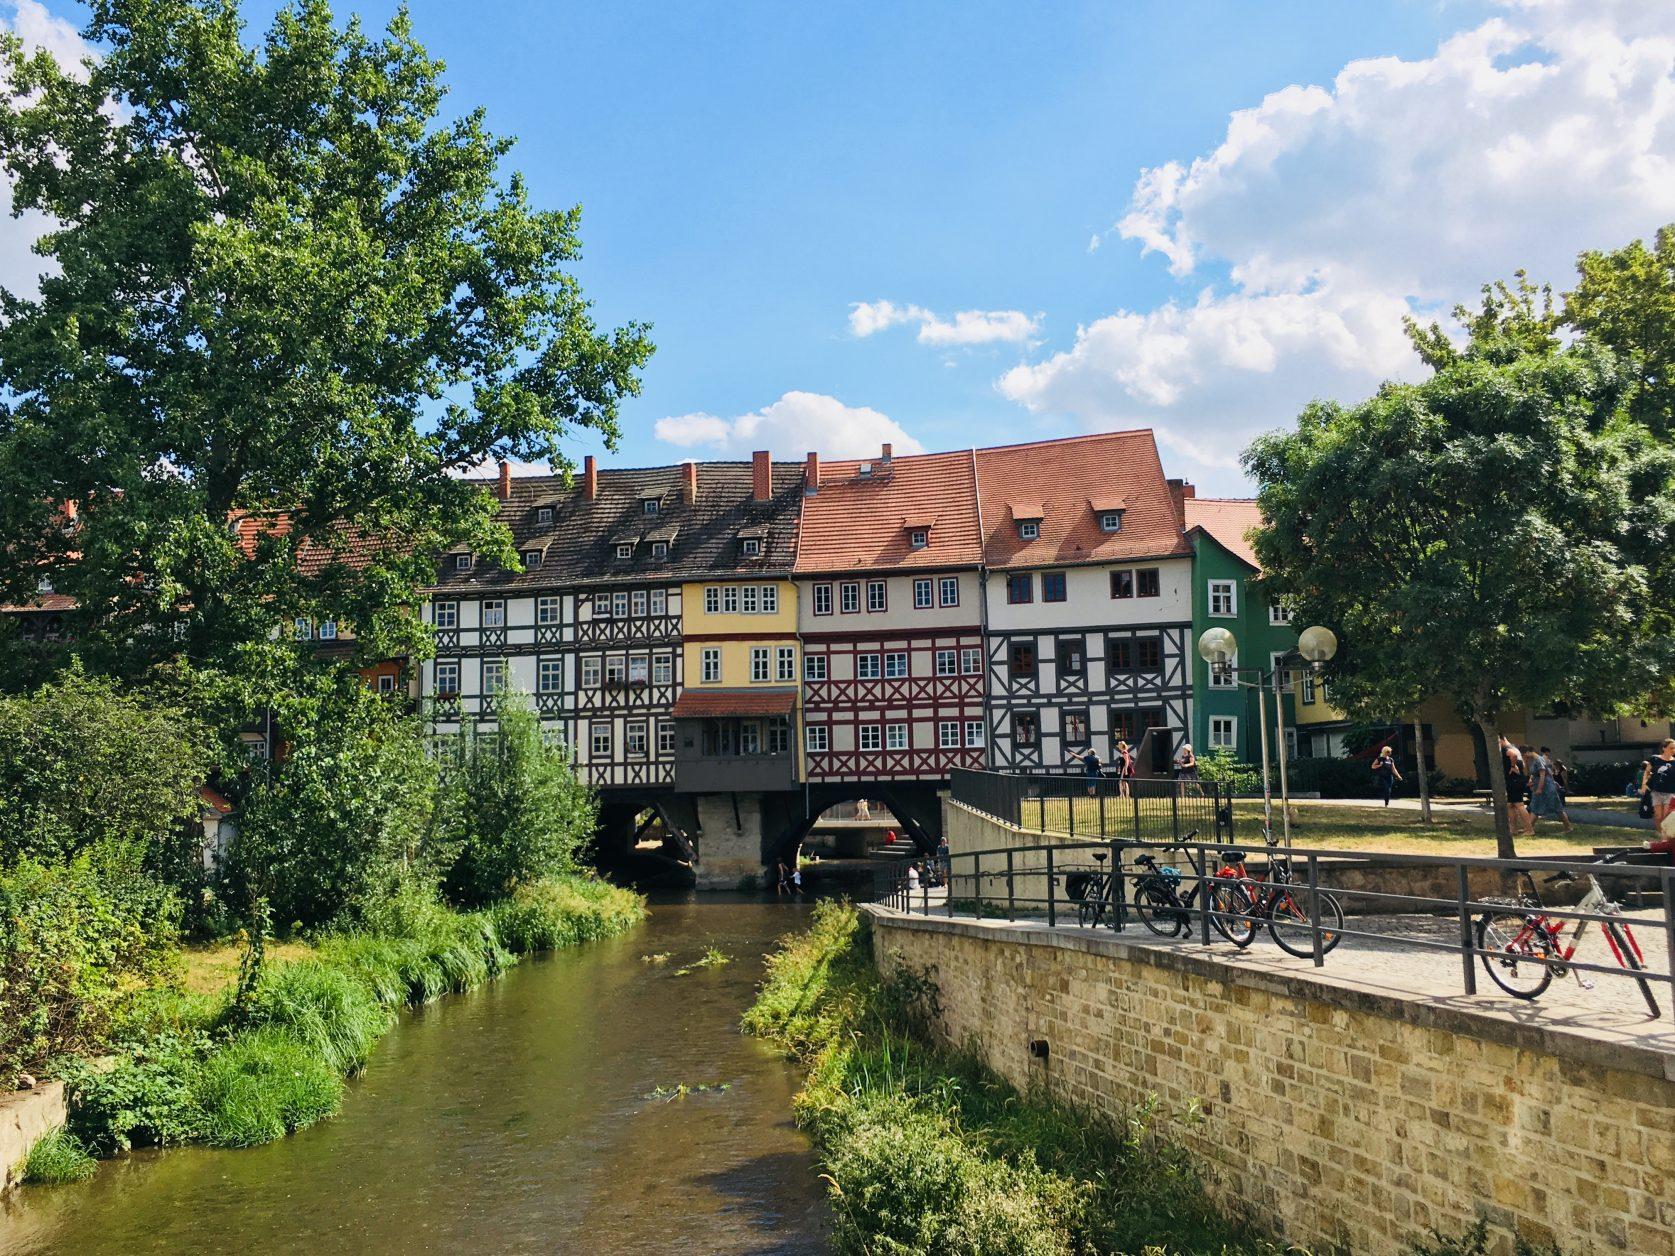 Blick auf die Krämerbrücke in Erfurt, Foto: Weirauch